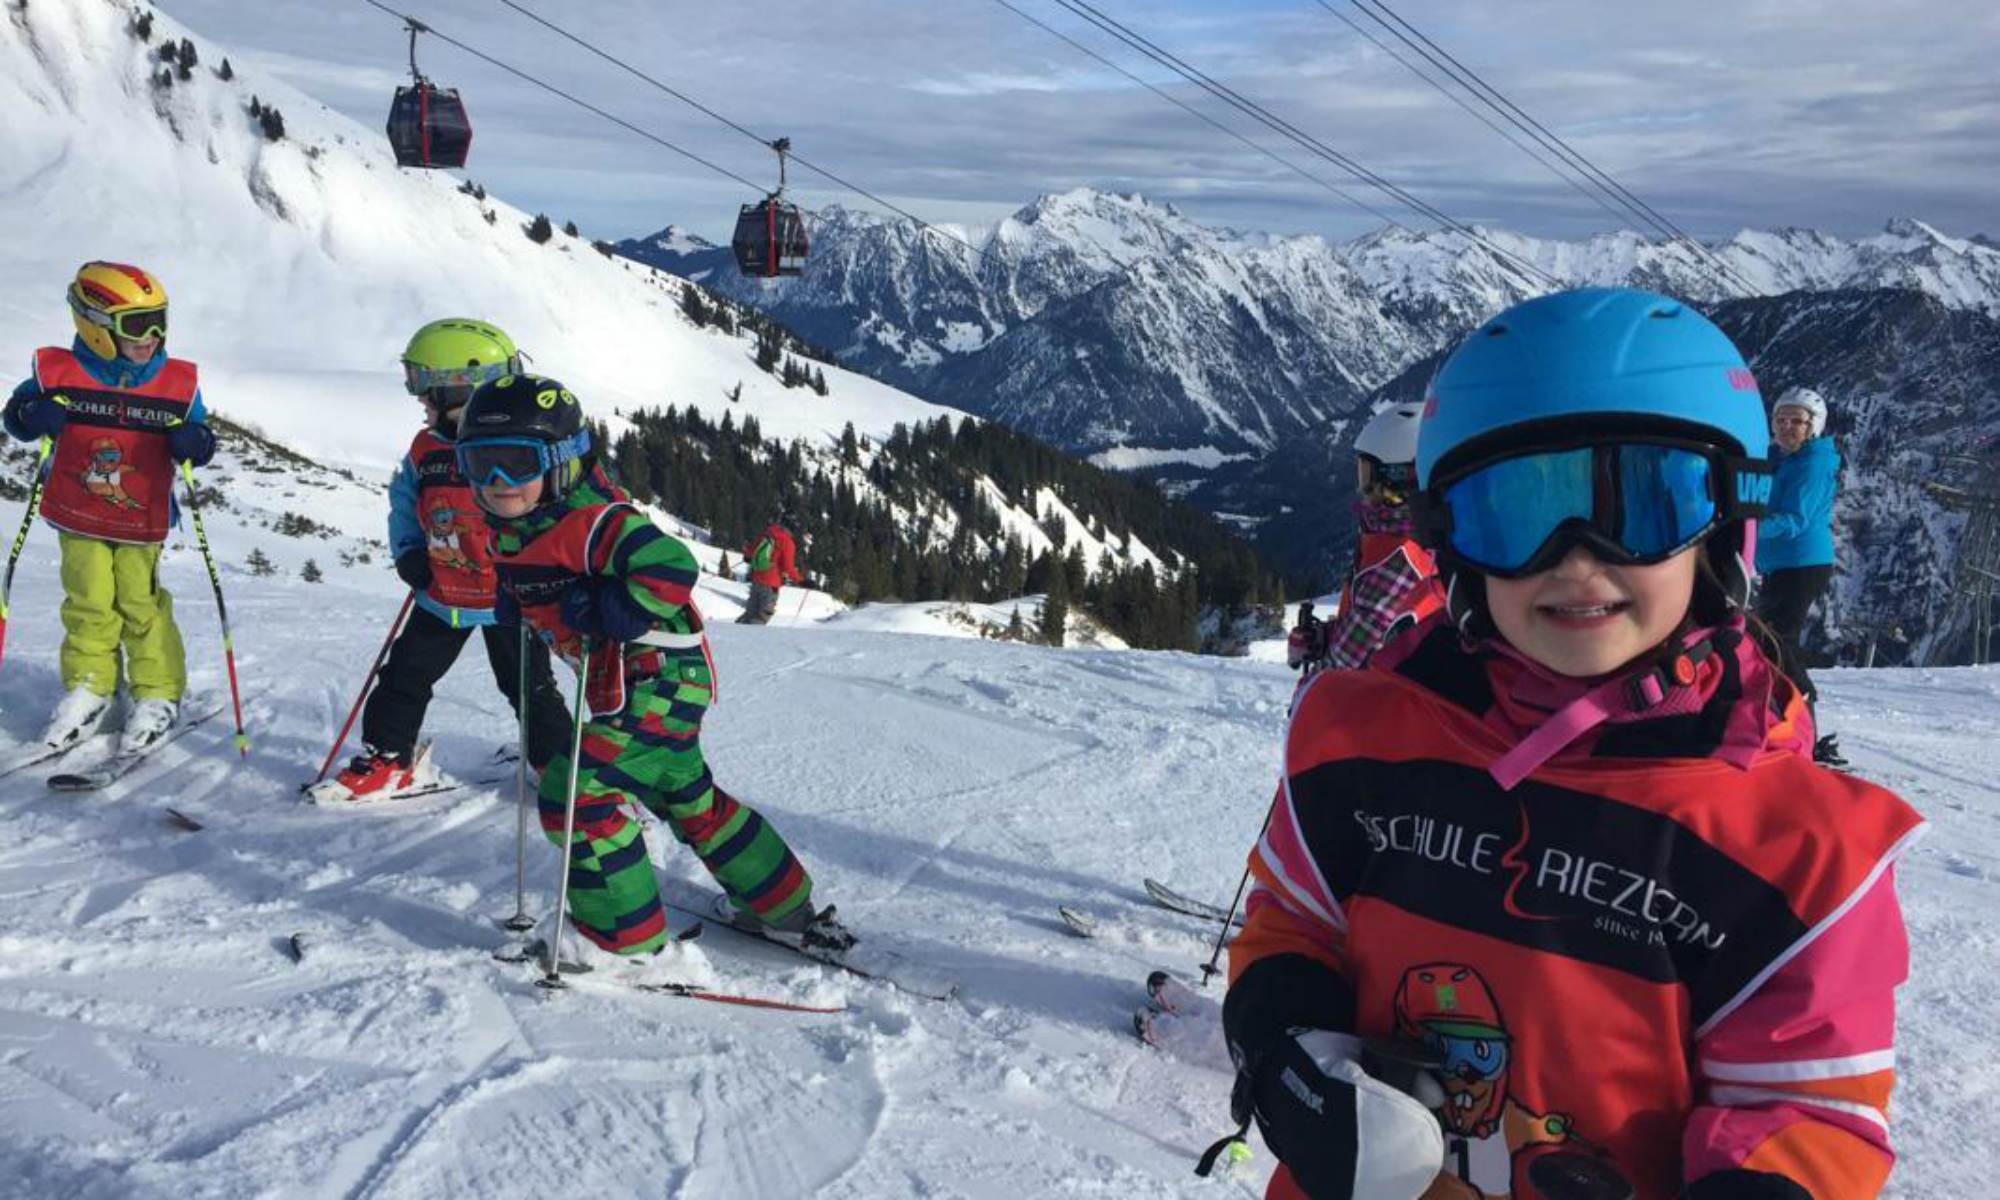 Kinder beim Skikurs auf einer Piste im Skigebiet Kleinwalsertal.